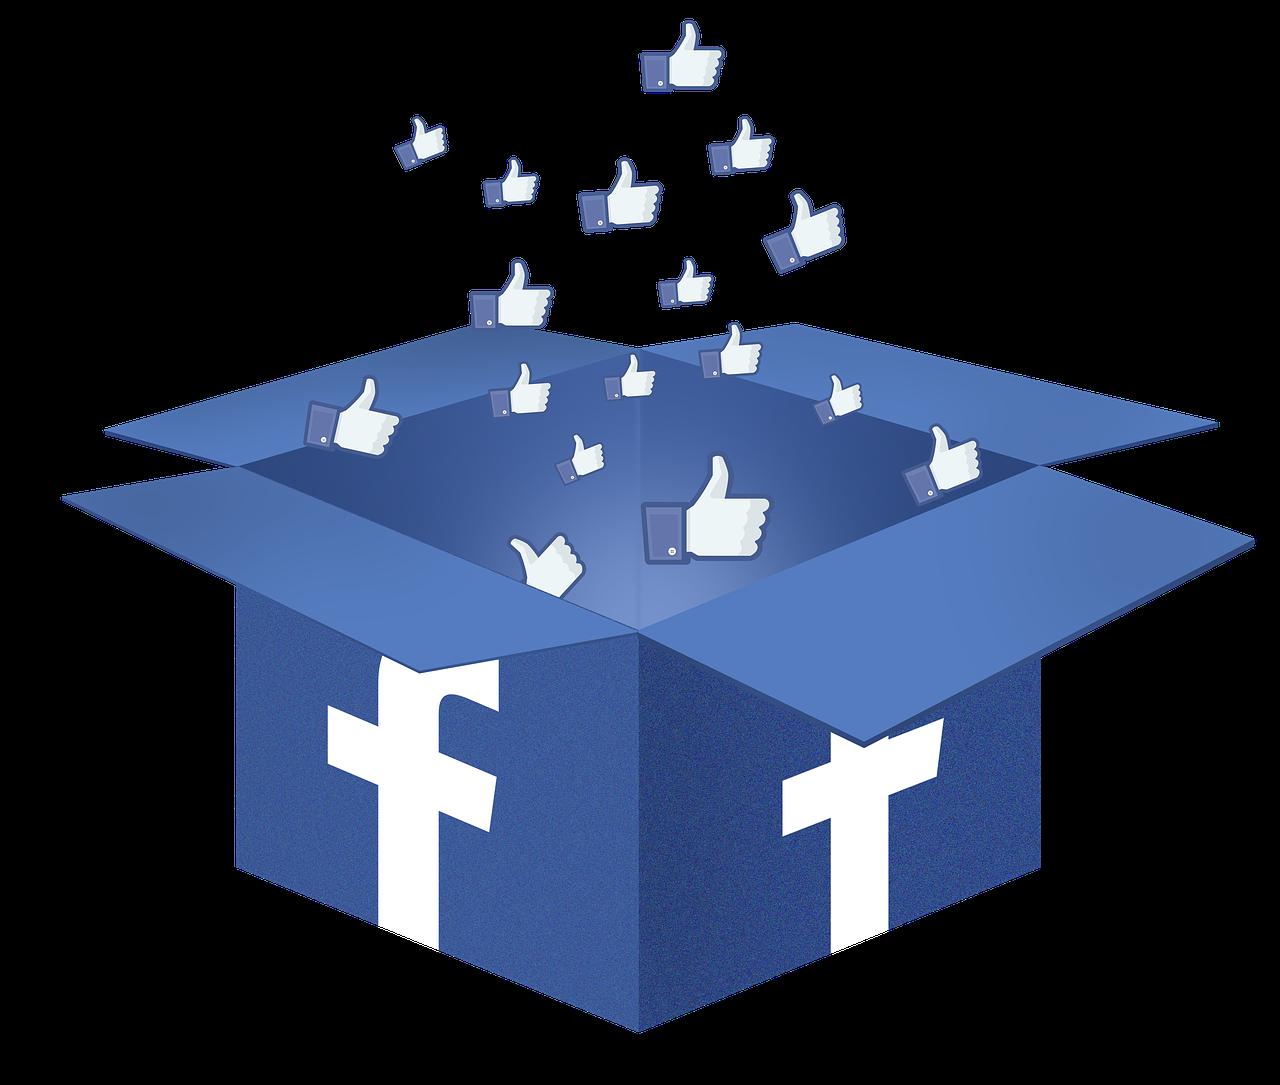 Descubra Como Ganhar Curtidas no Facebook em 5 Passos